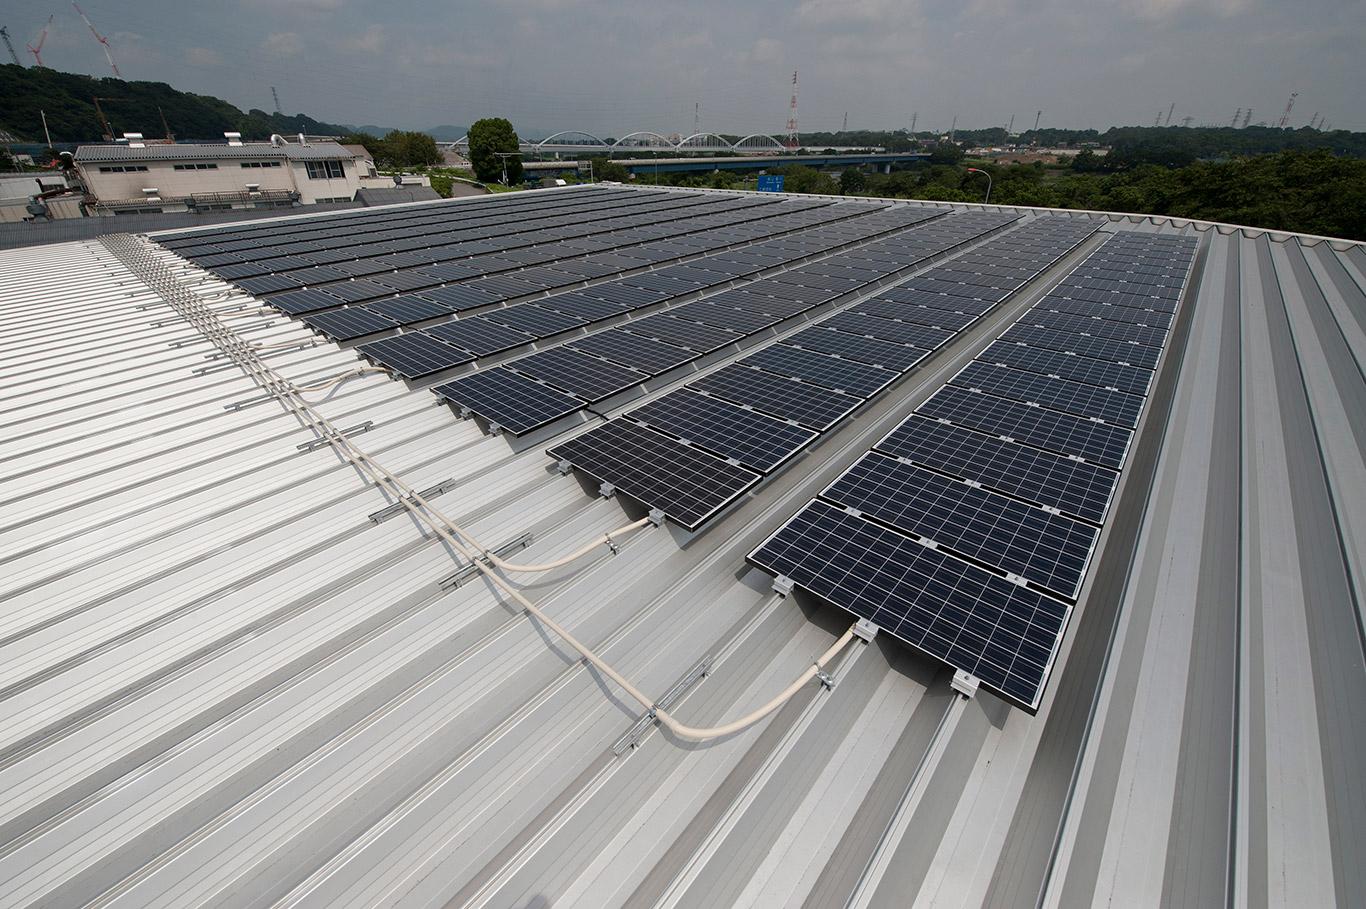 ケーデーエス太陽光発電所